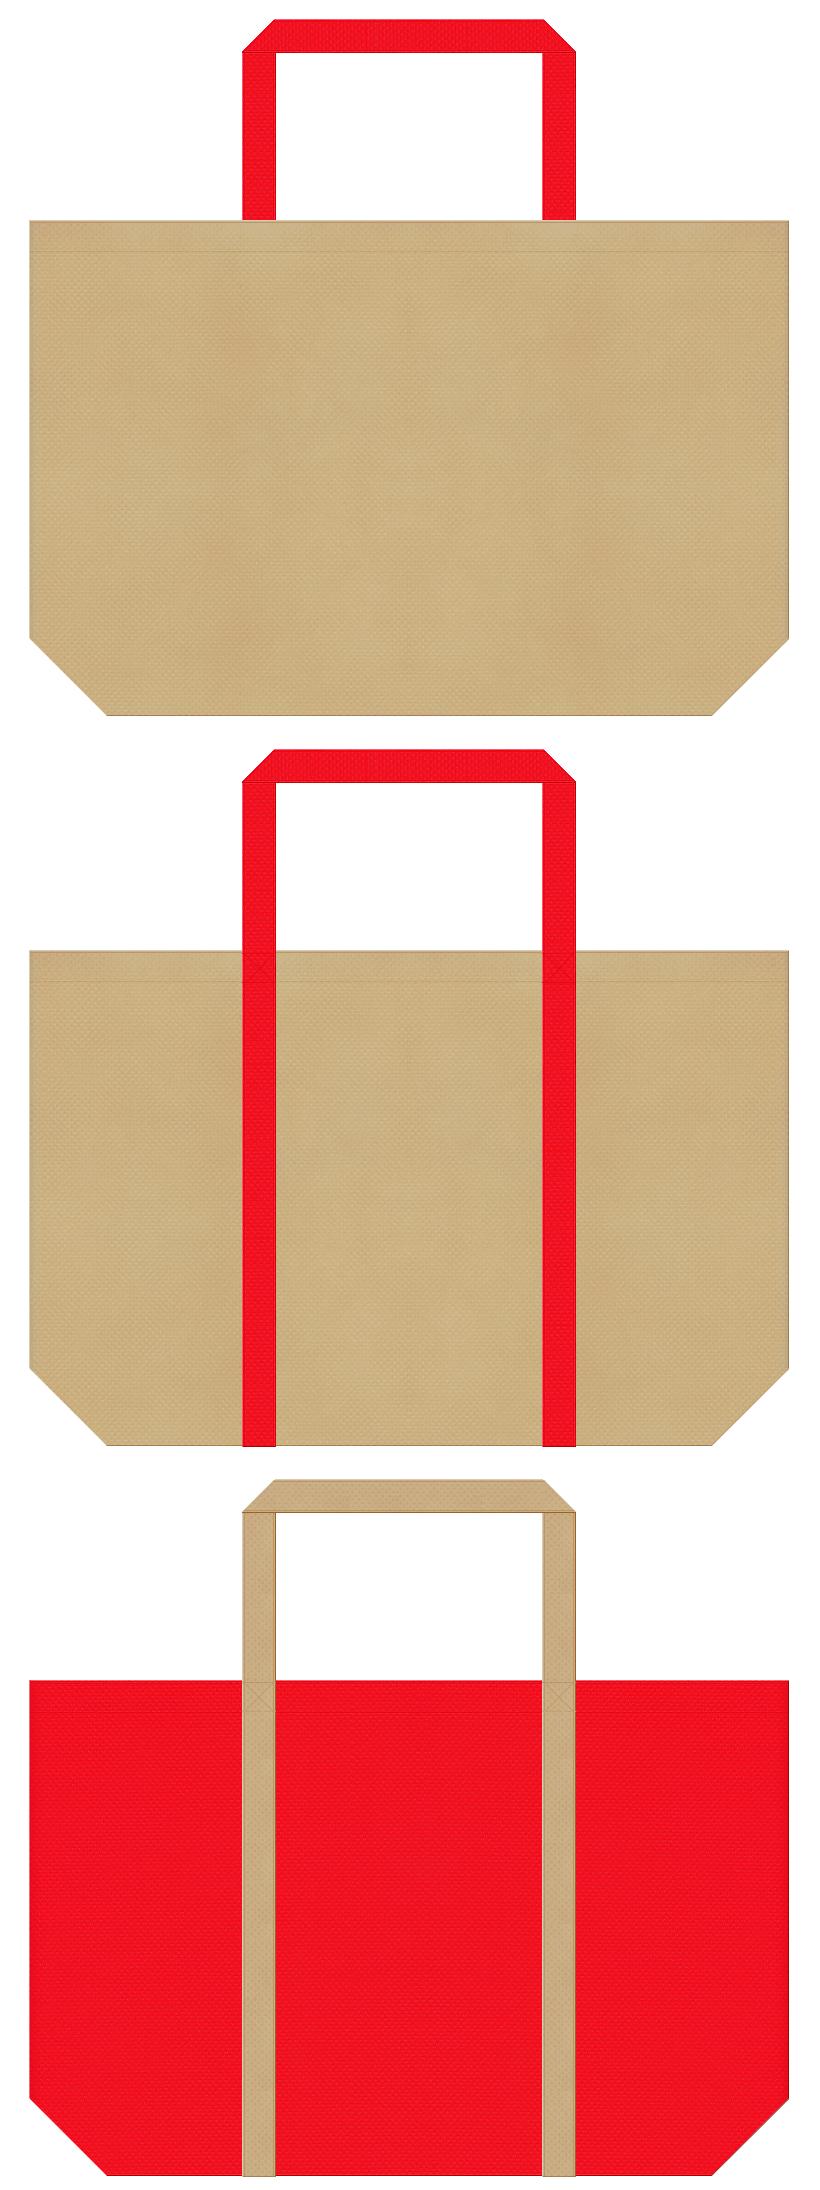 むかし話・赤鬼・節分・大豆・一合枡・野点傘・茶会・和風商品のショッピングバッグにお奨めの不織布バッグデザイン:カーキ色と赤色のコーデ